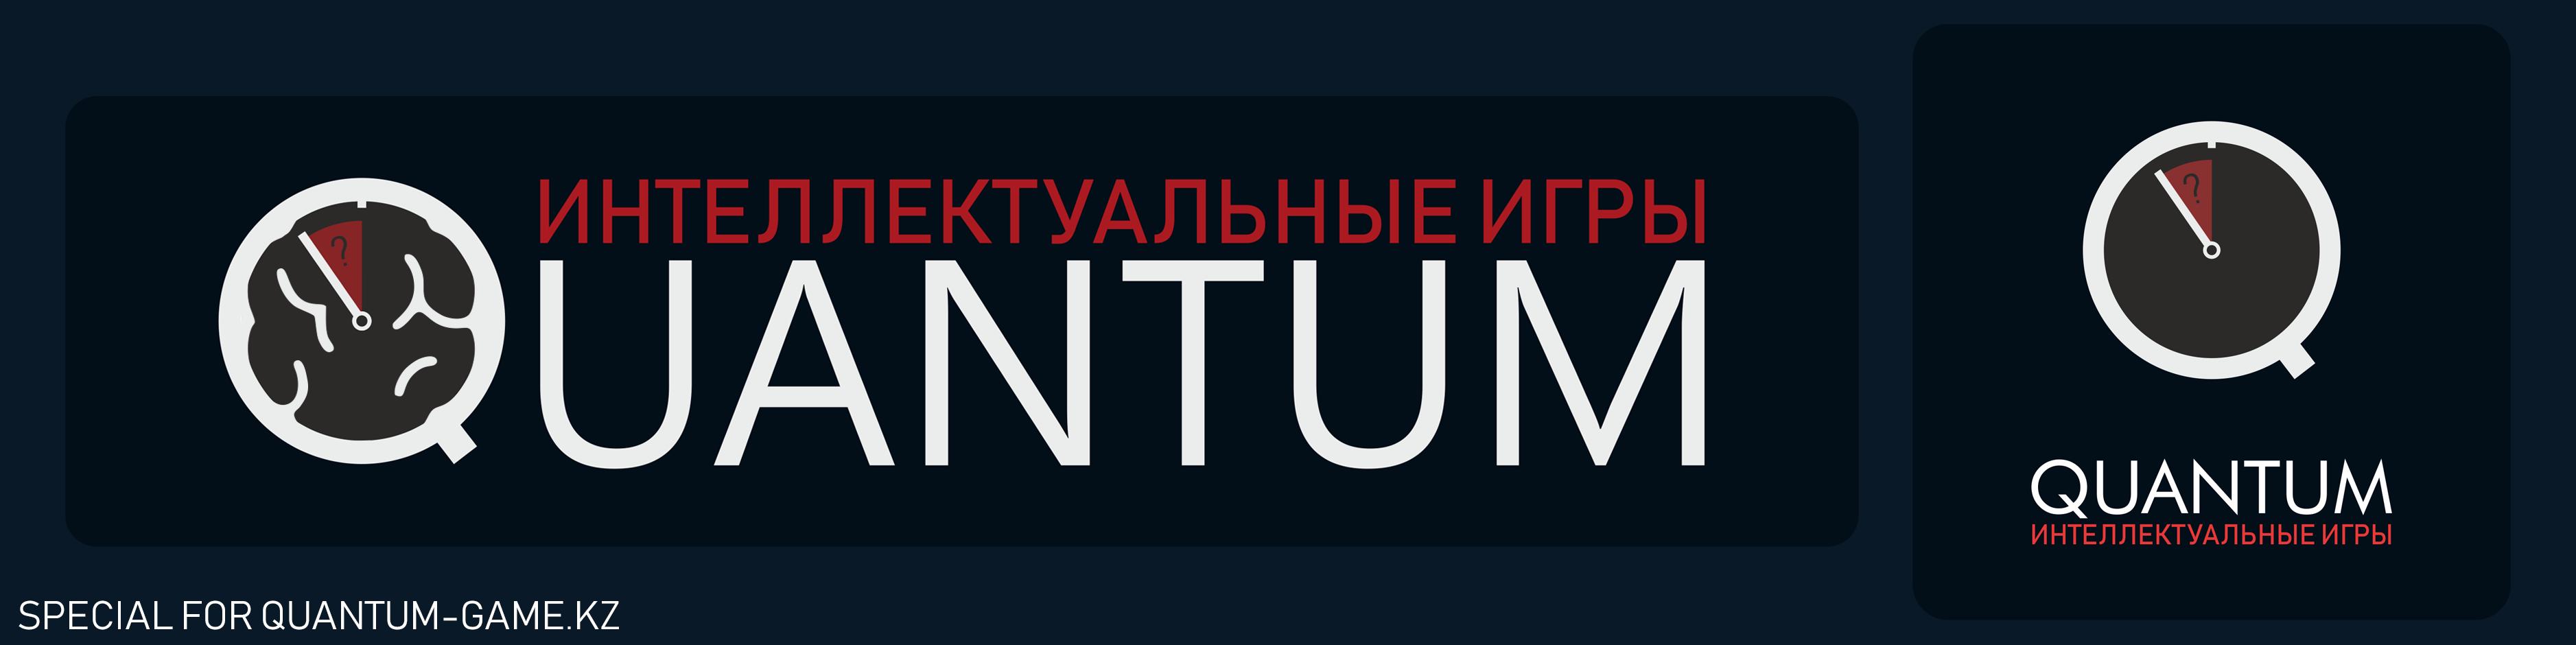 Редизайн логотипа бренда интеллектуальной игры фото f_3515bc28fea92ead.png